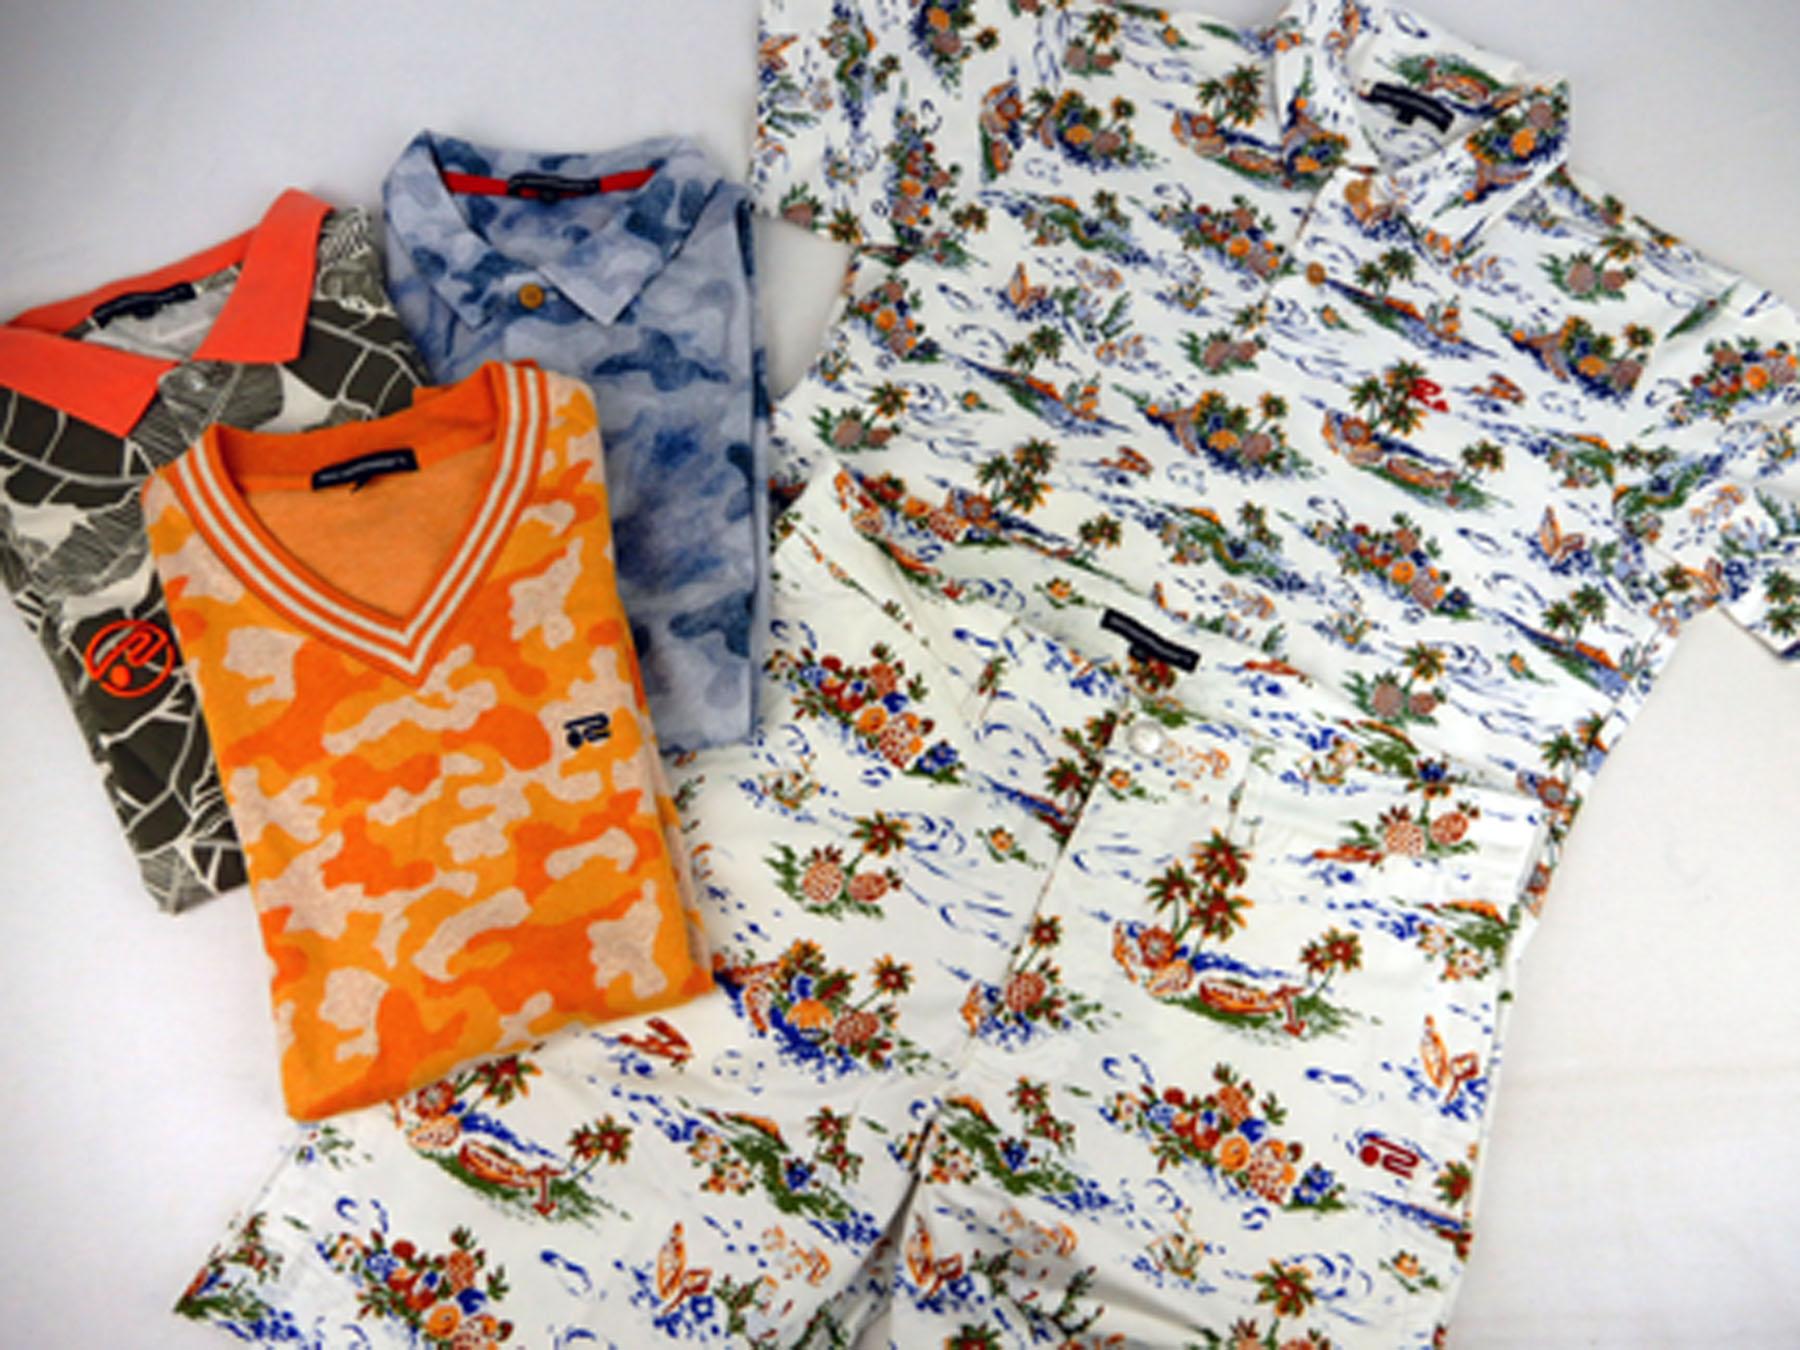 ロサーセン(Rosasen)の カモフラ柄のベスト、柄シャツやポロシャツ とハワイアン柄のシャツ&ハーフパンツです。